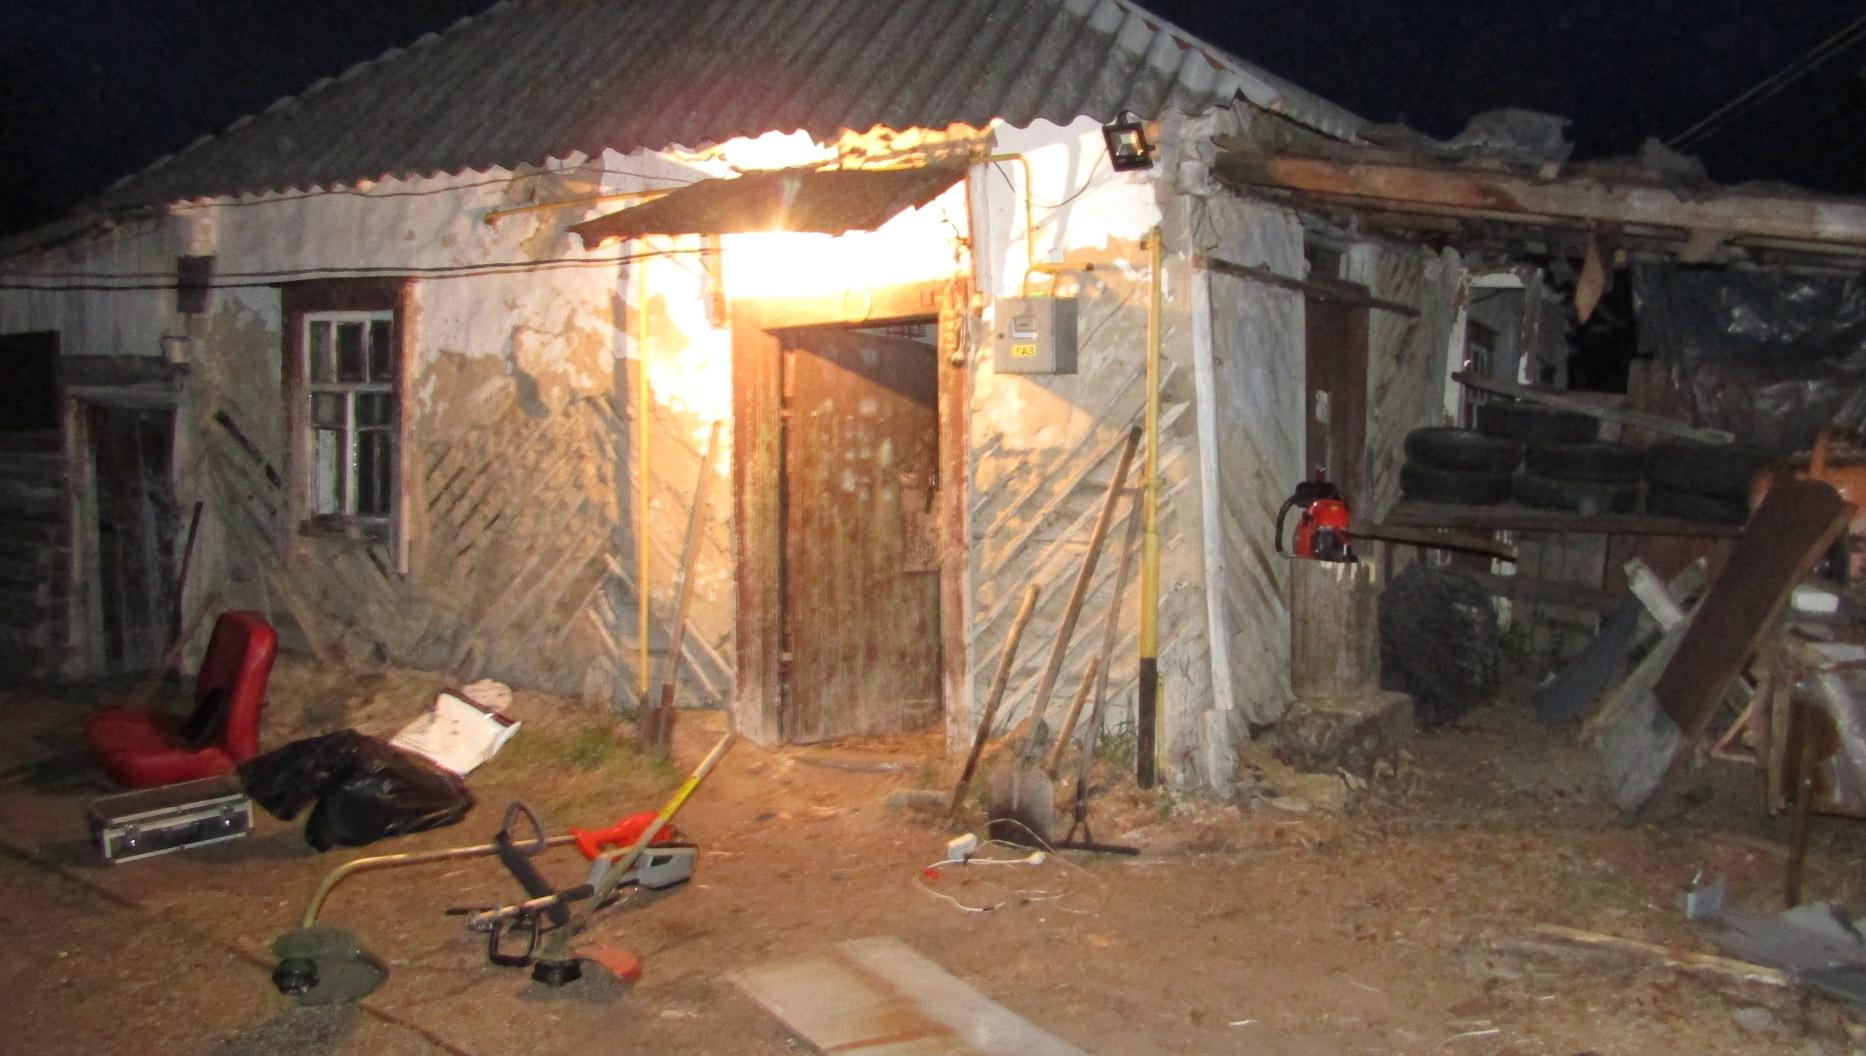 За крадіжку електроінструментів у Василькові молодику загрожує від 3 до 6 років в'язниці - Васильків - 92865050 673189780110927 590798607267921920 o